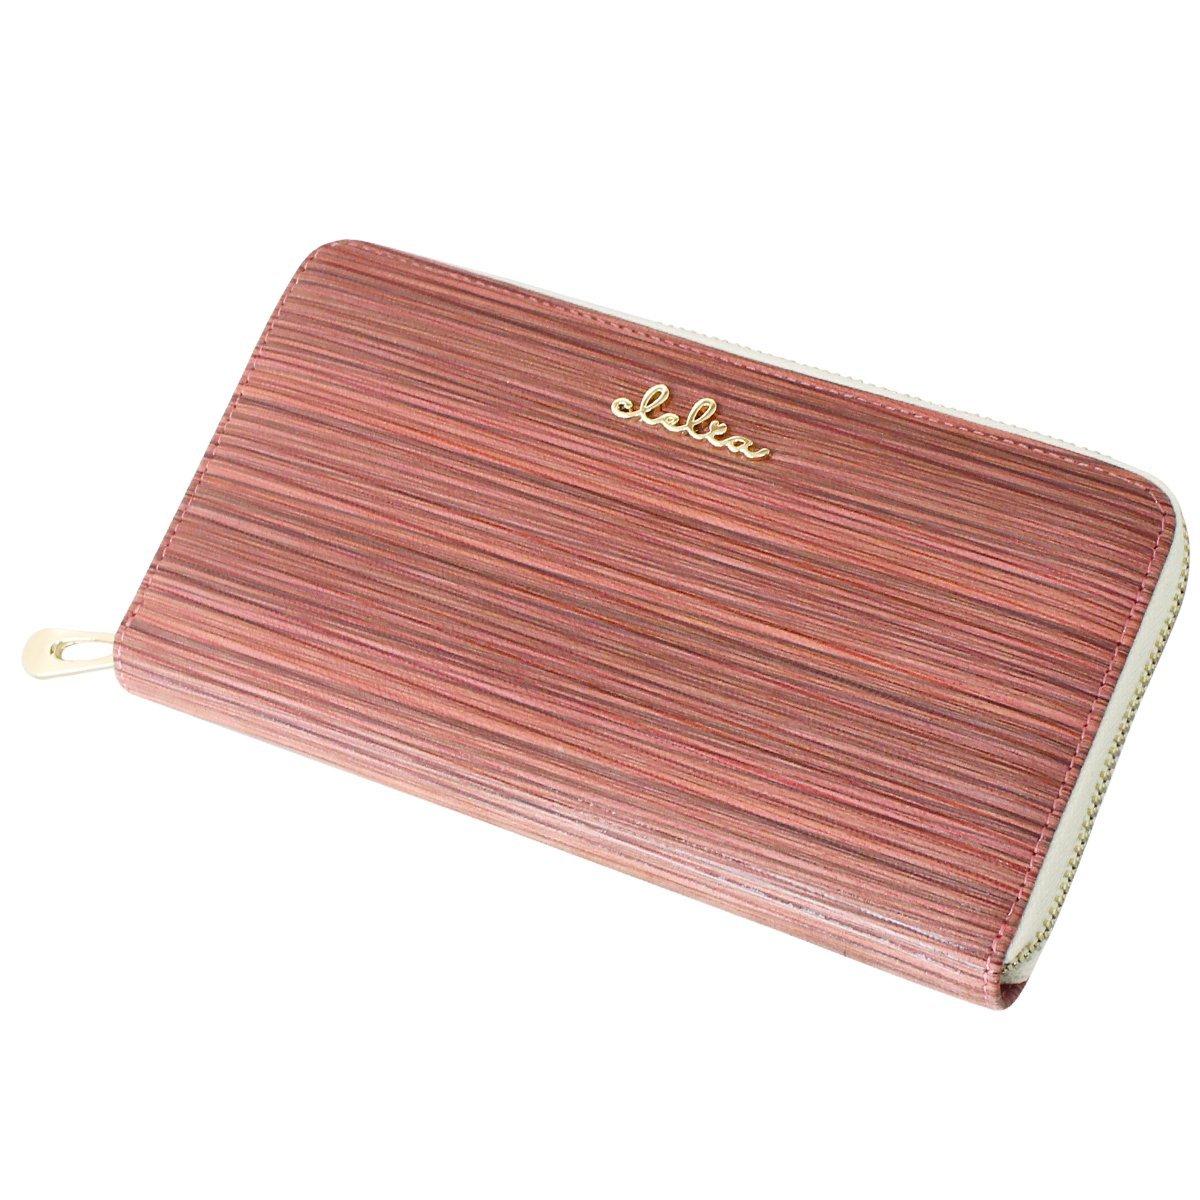 [クレリア] Clelia 長財布 レディース 羊革 カラーストライプ ラウンドファスナー 【CL-8607】 B00TFA155K  ピンク